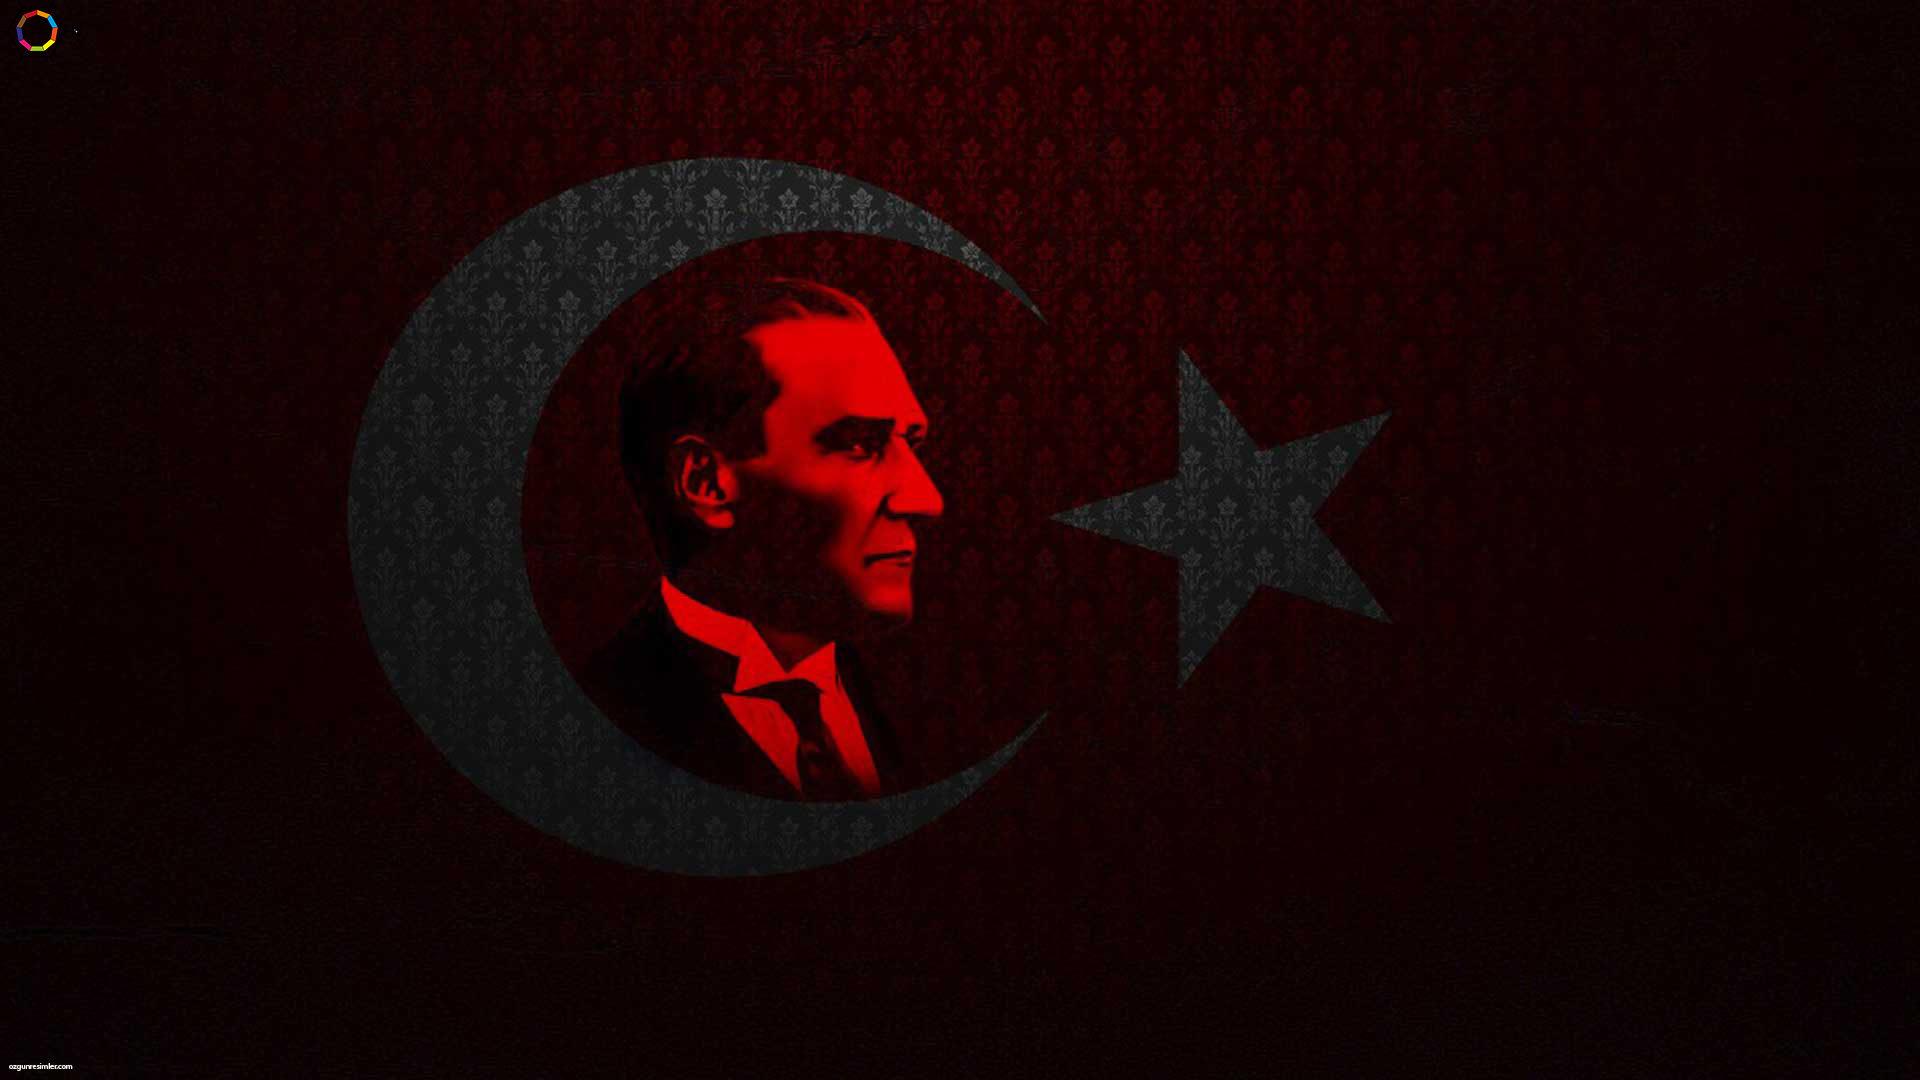 Atatürk temalı masaüstü fotoğrafı.